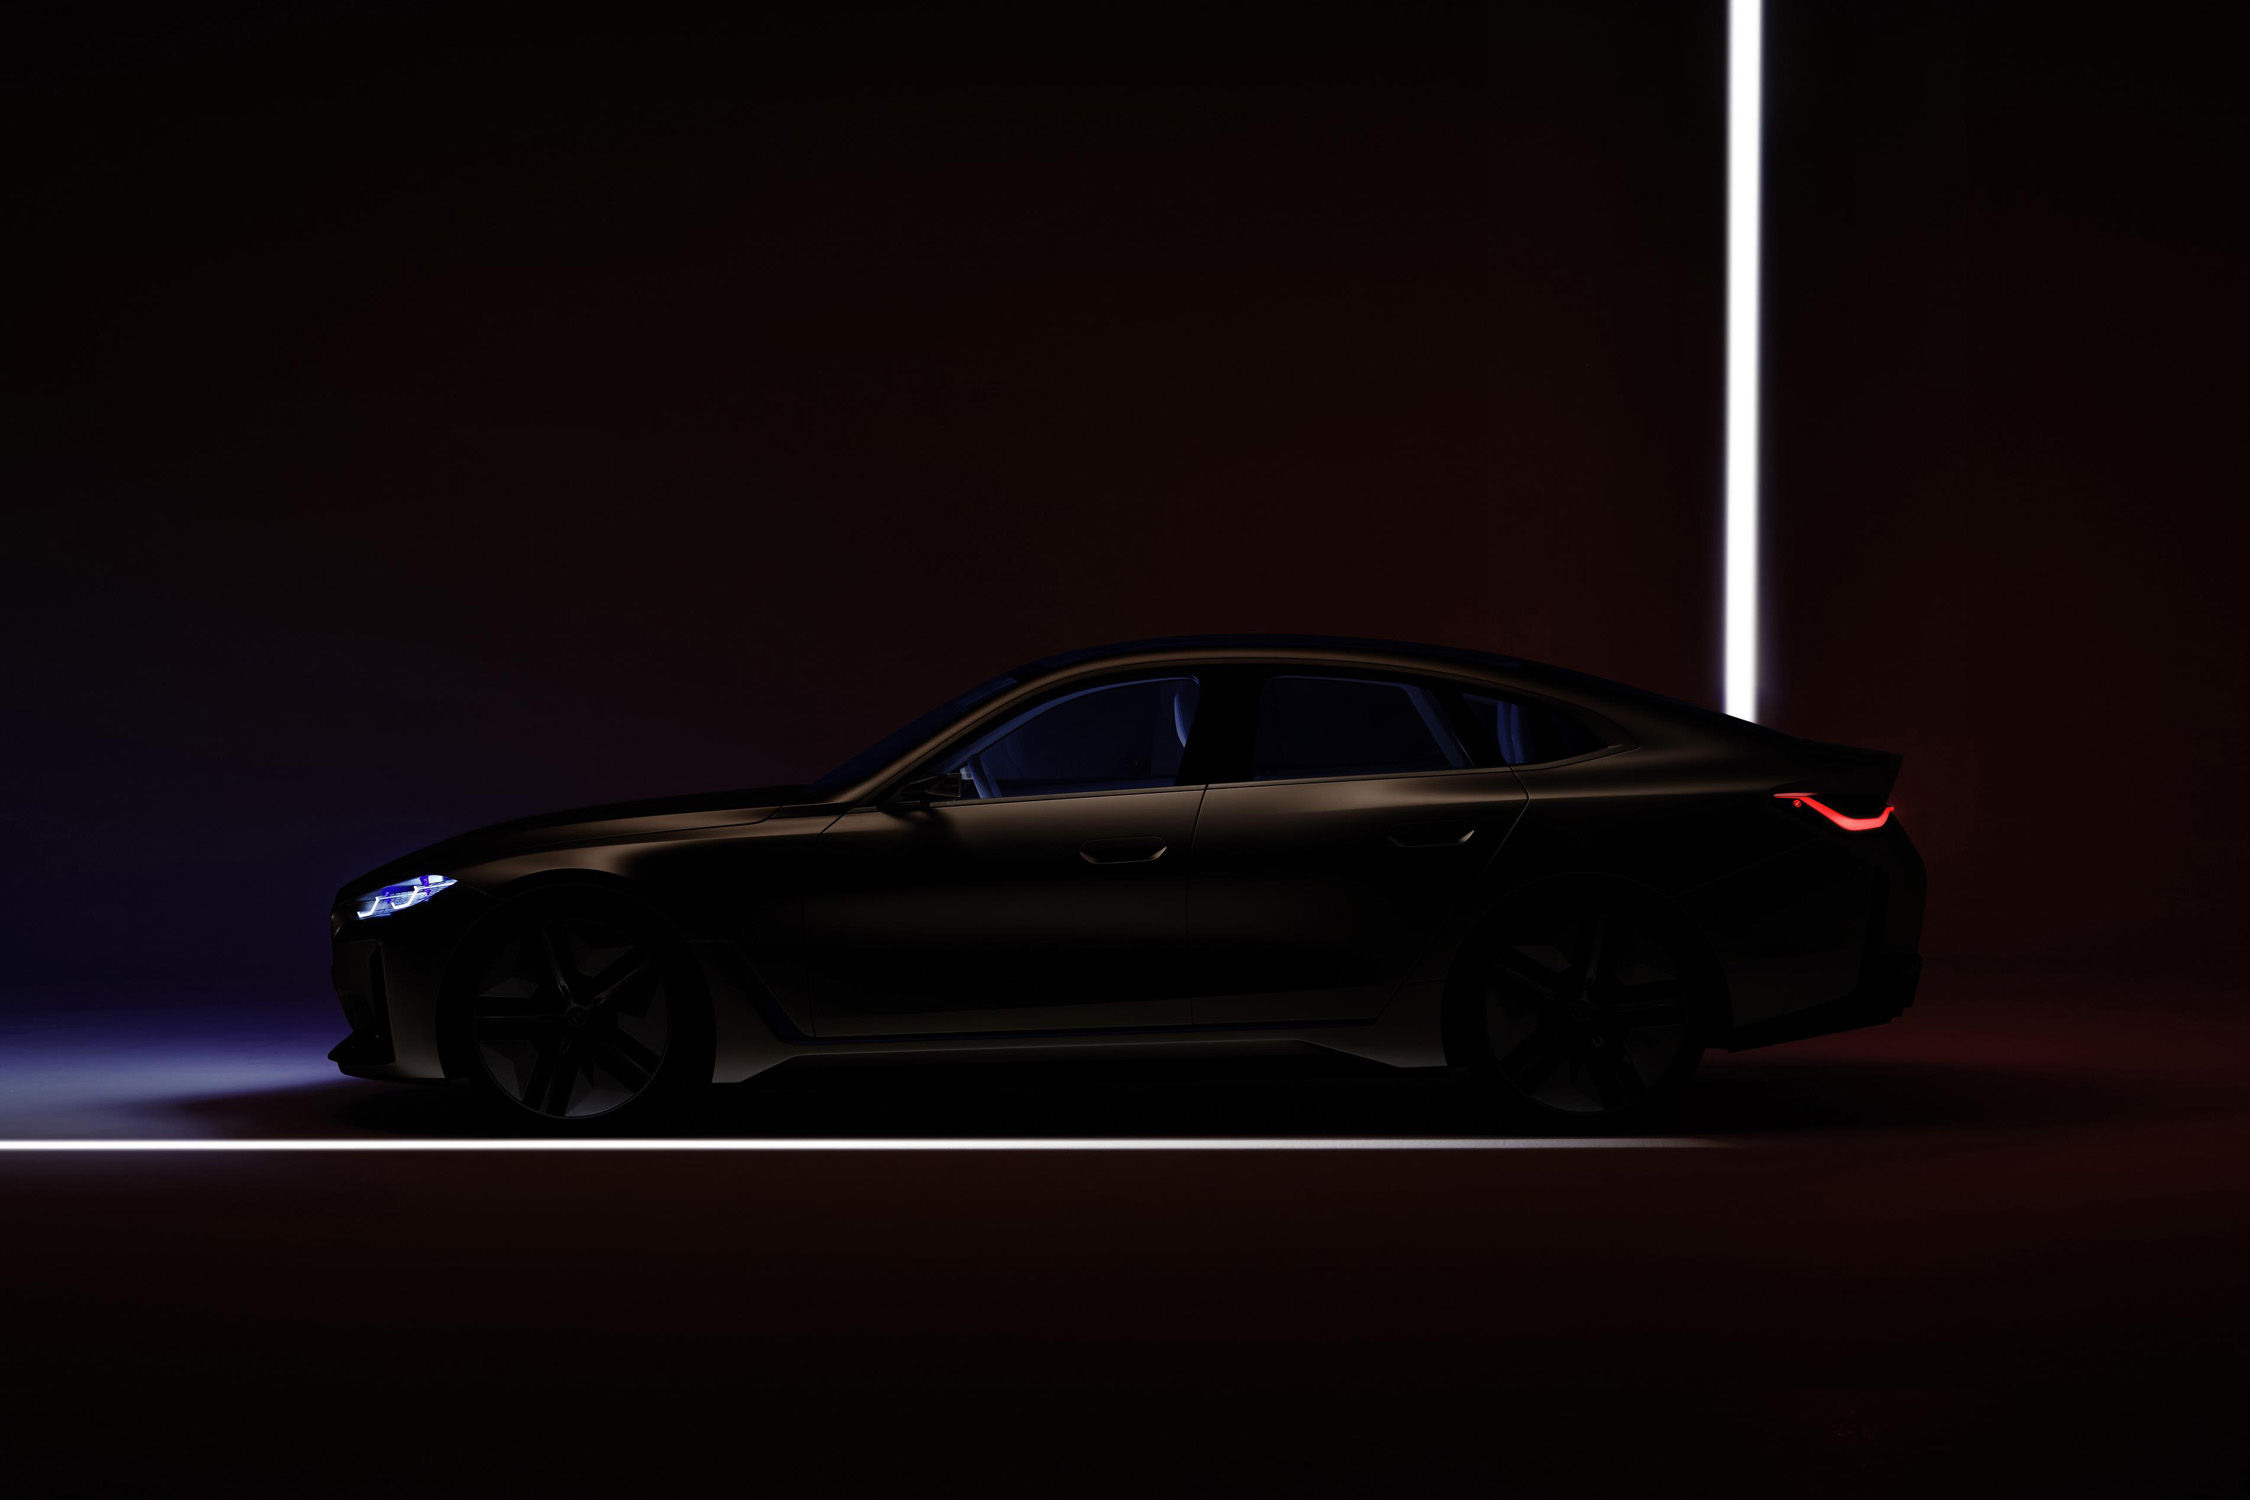 BMW Concept i4 : dernier teaser avant présentation - actualité automobile - Motorlegend